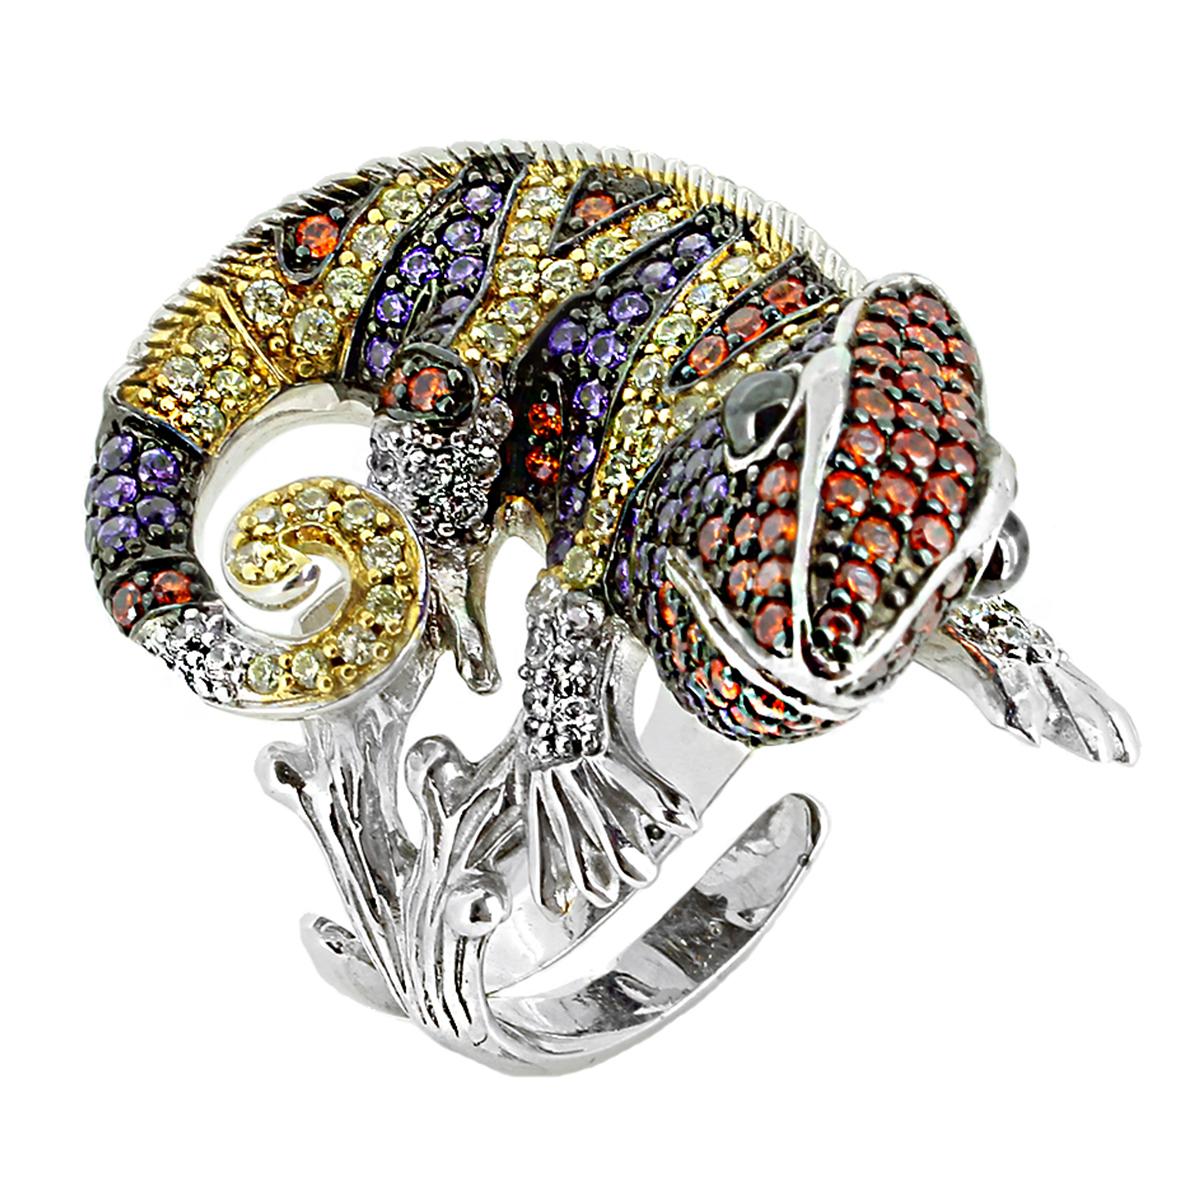 Seinerzeit Chappie Chamäleon Ring Image